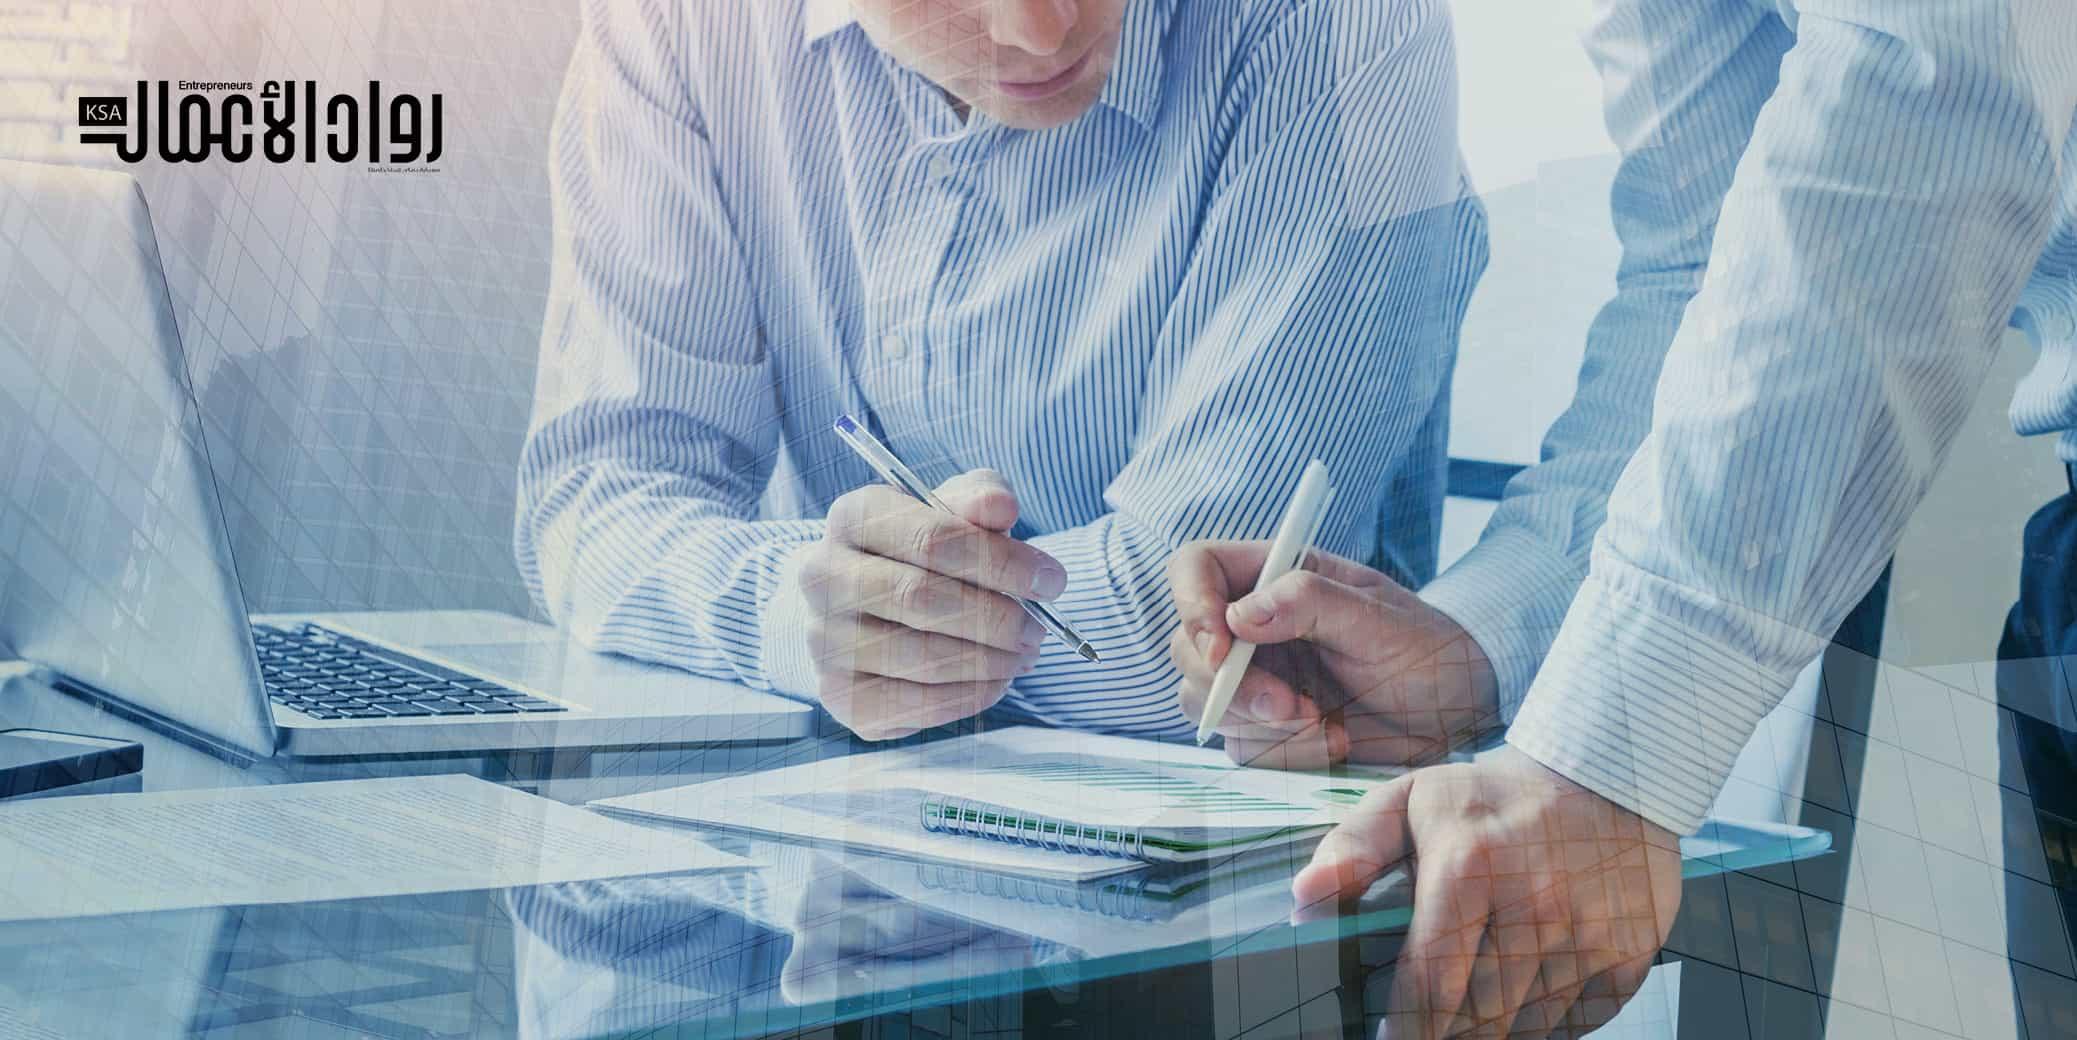 مفهوم تطوير الأعمال